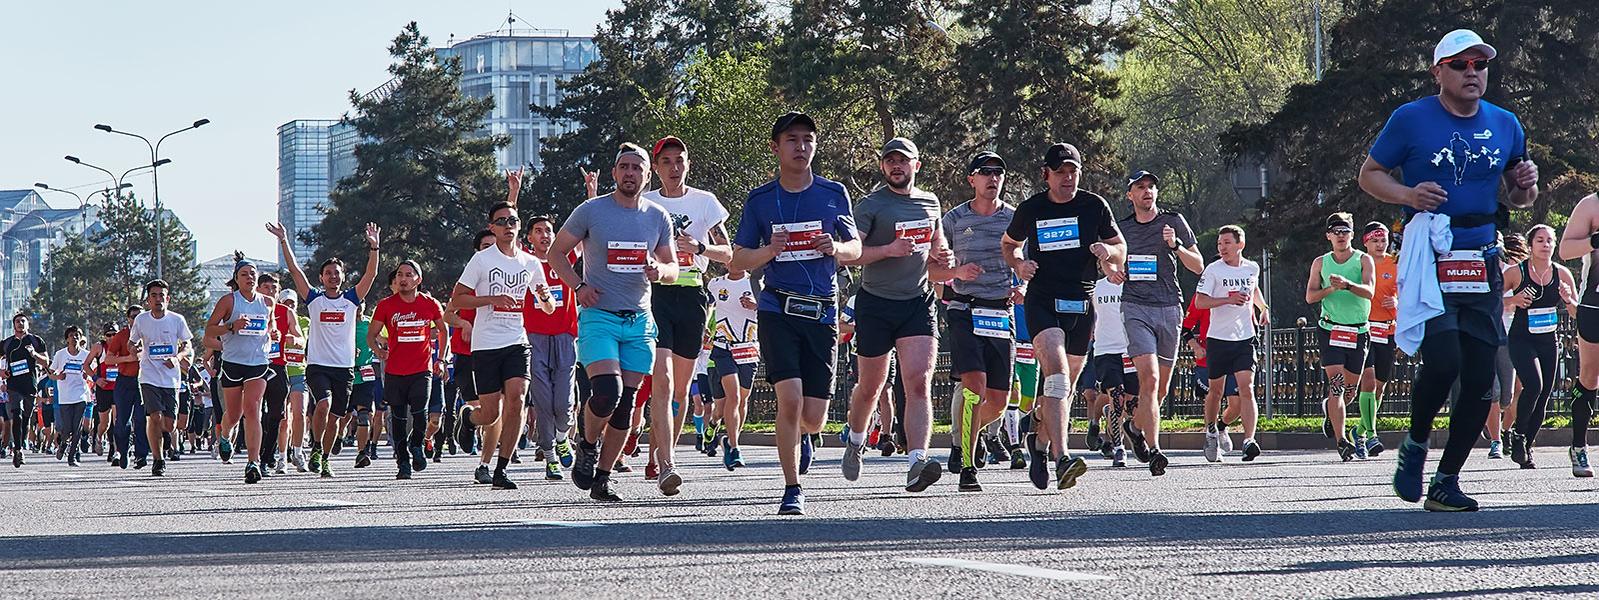 2 дня до Алматы марафона - как готовятся участники и организаторы